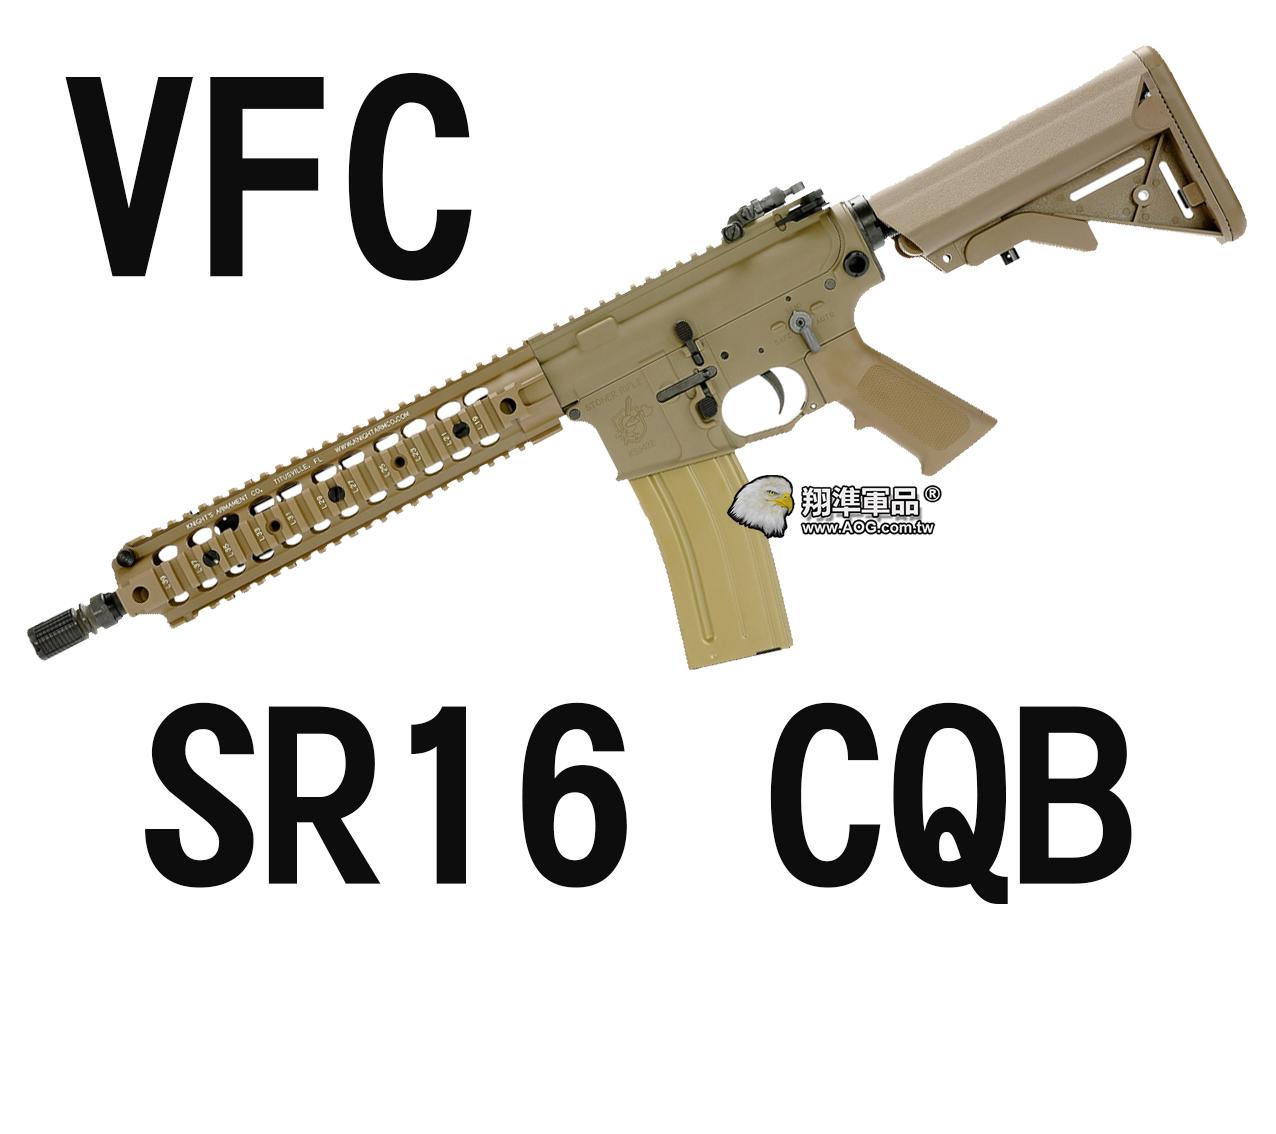 【翔準軍品AOG】【VFC】SR16 CQB卡賓 海豹托 魚骨版+握把 電動槍 長槍 黑色 沙色 VF1-LSR16E3-BK01  TN01(1) 11.5 管